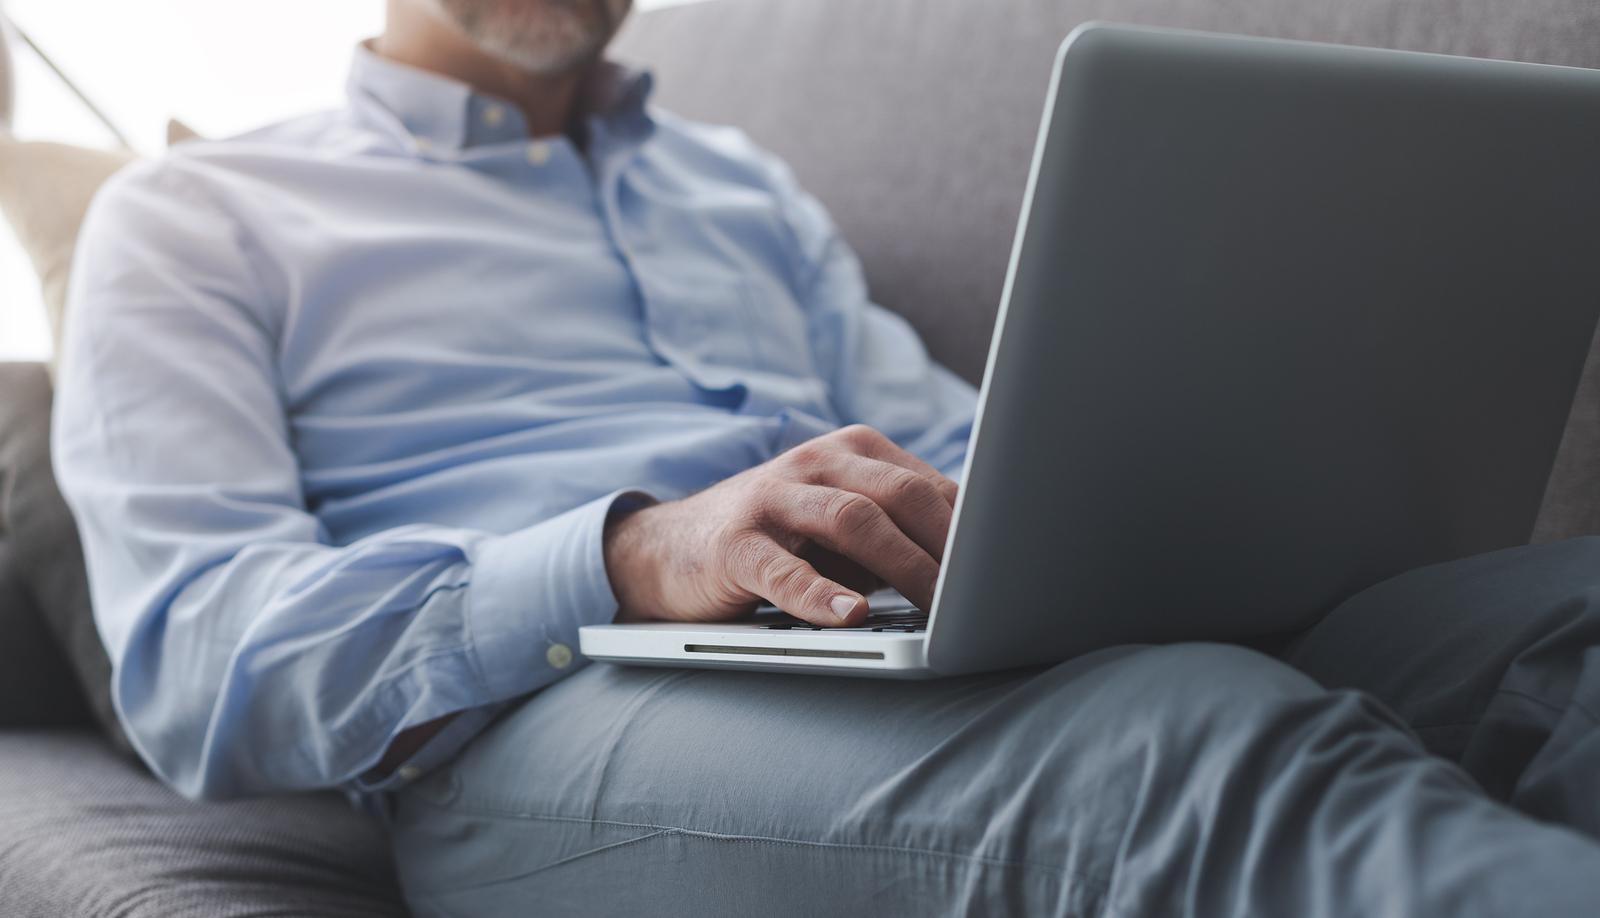 Cómo cuidar una laptop